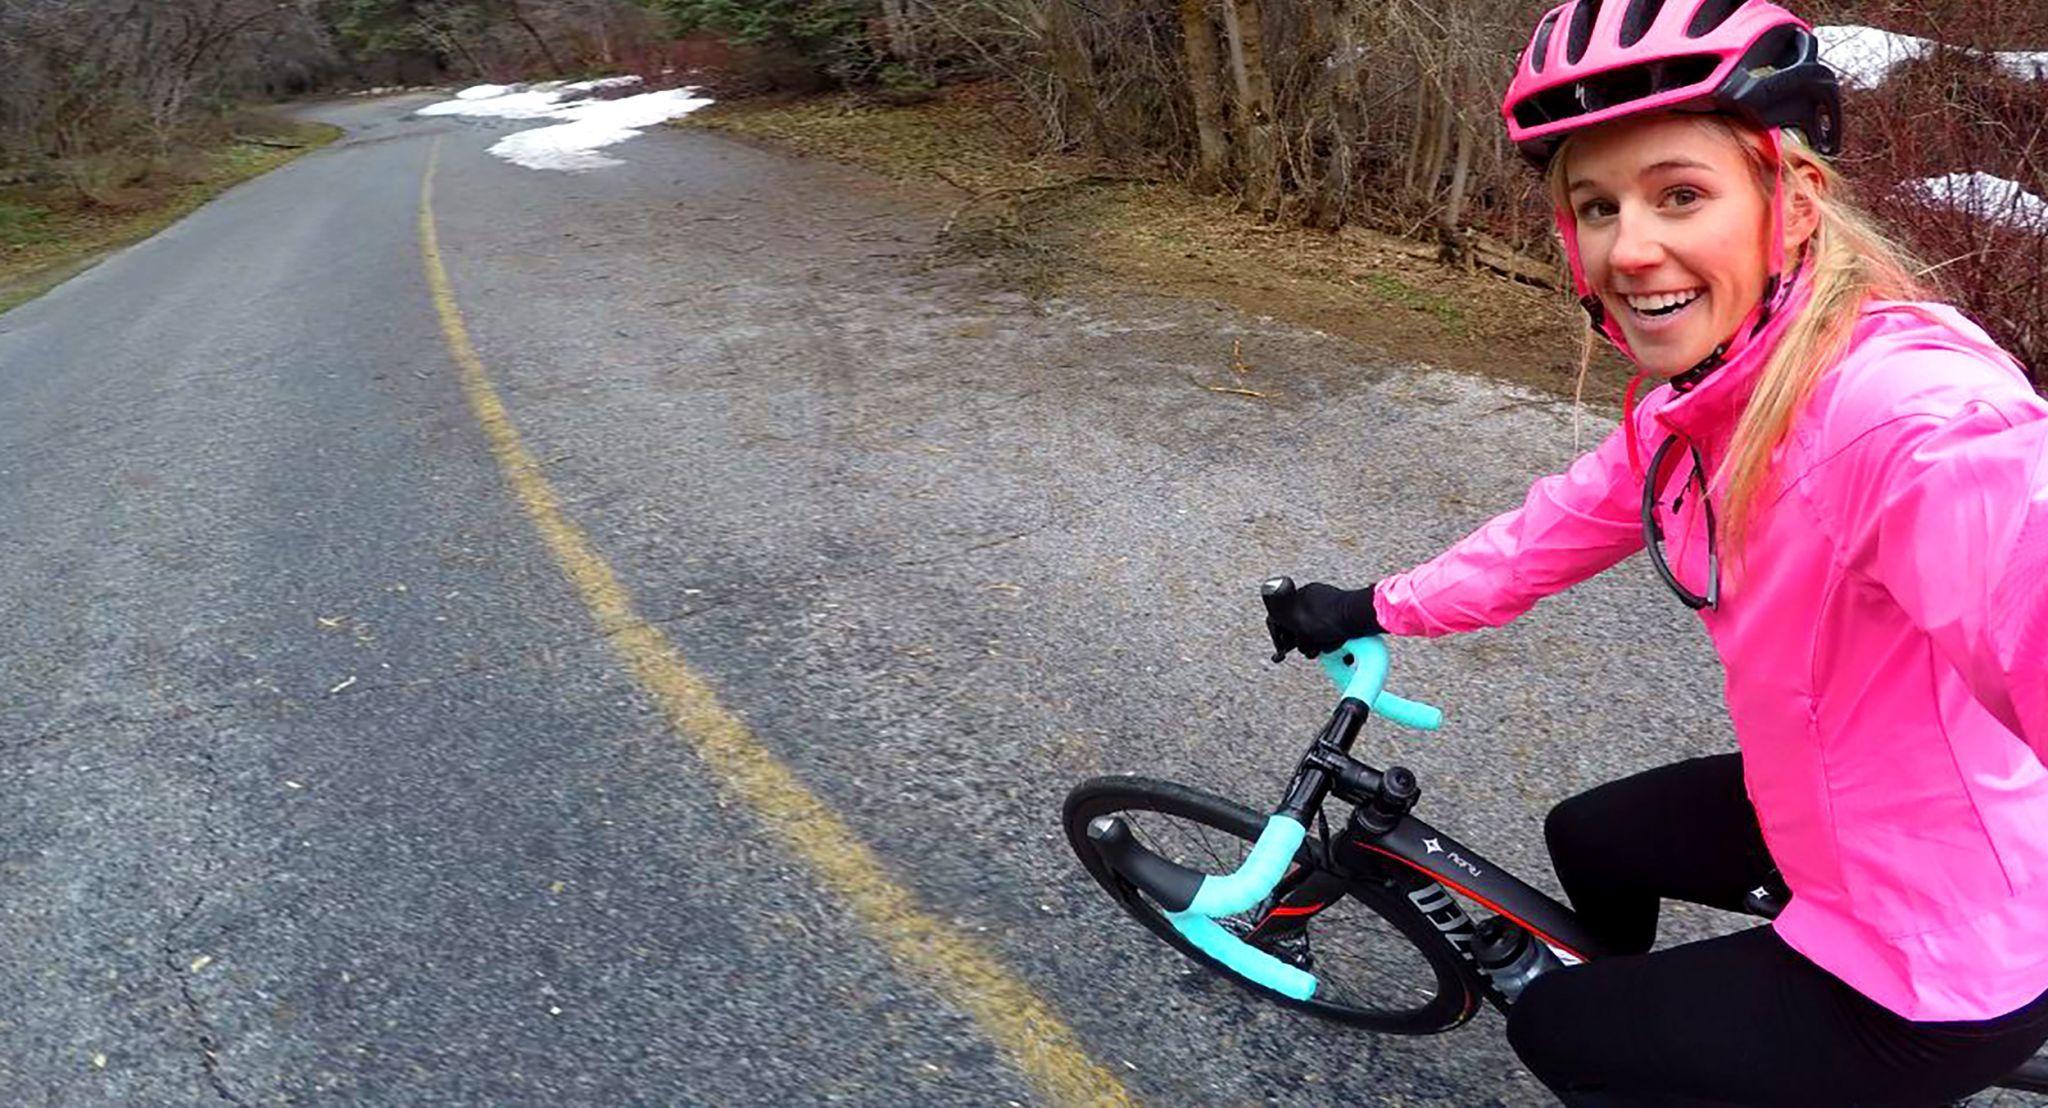 Sustituto al esquí: 5 razones para elegir la bici fuera de temporada.